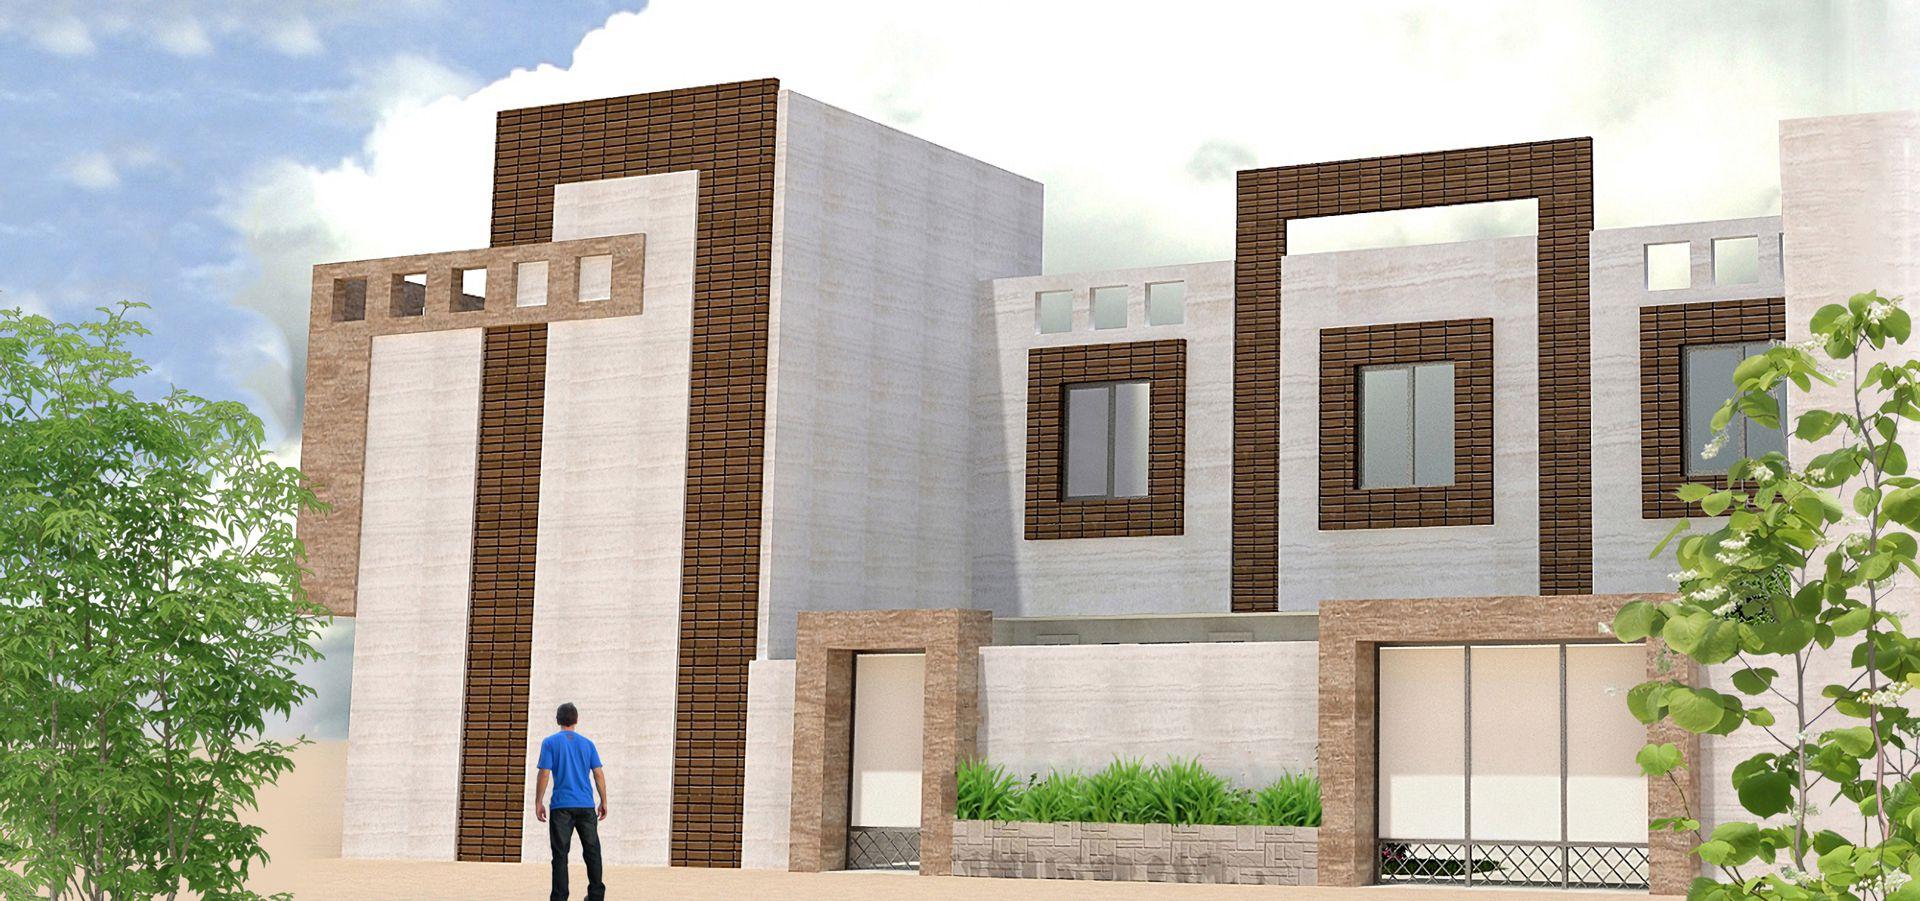 نمای ساختمان دوبلکس